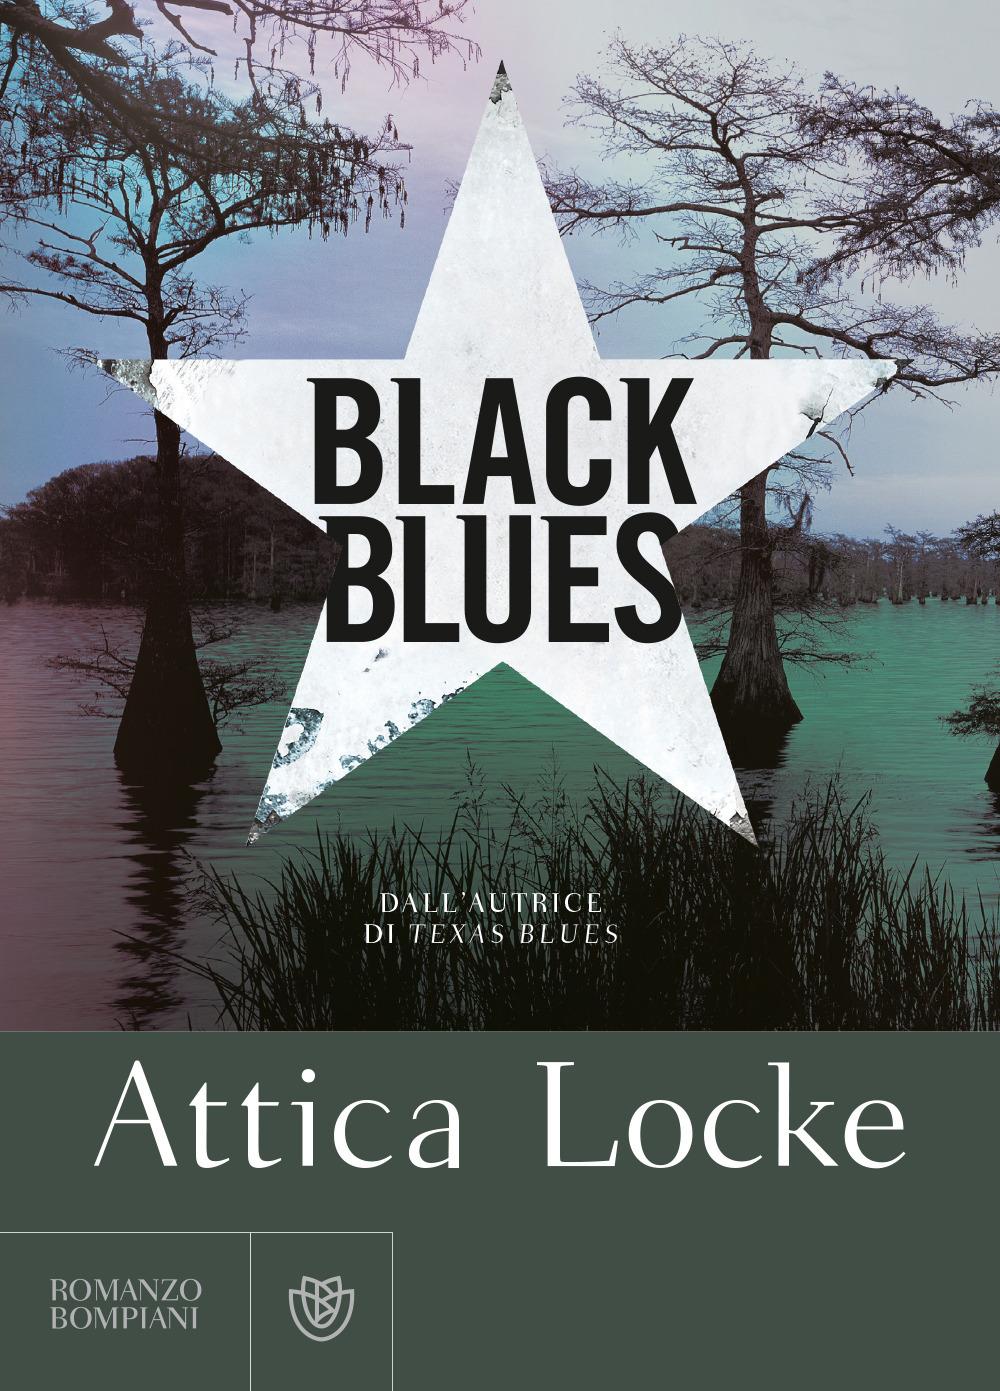 Black blues